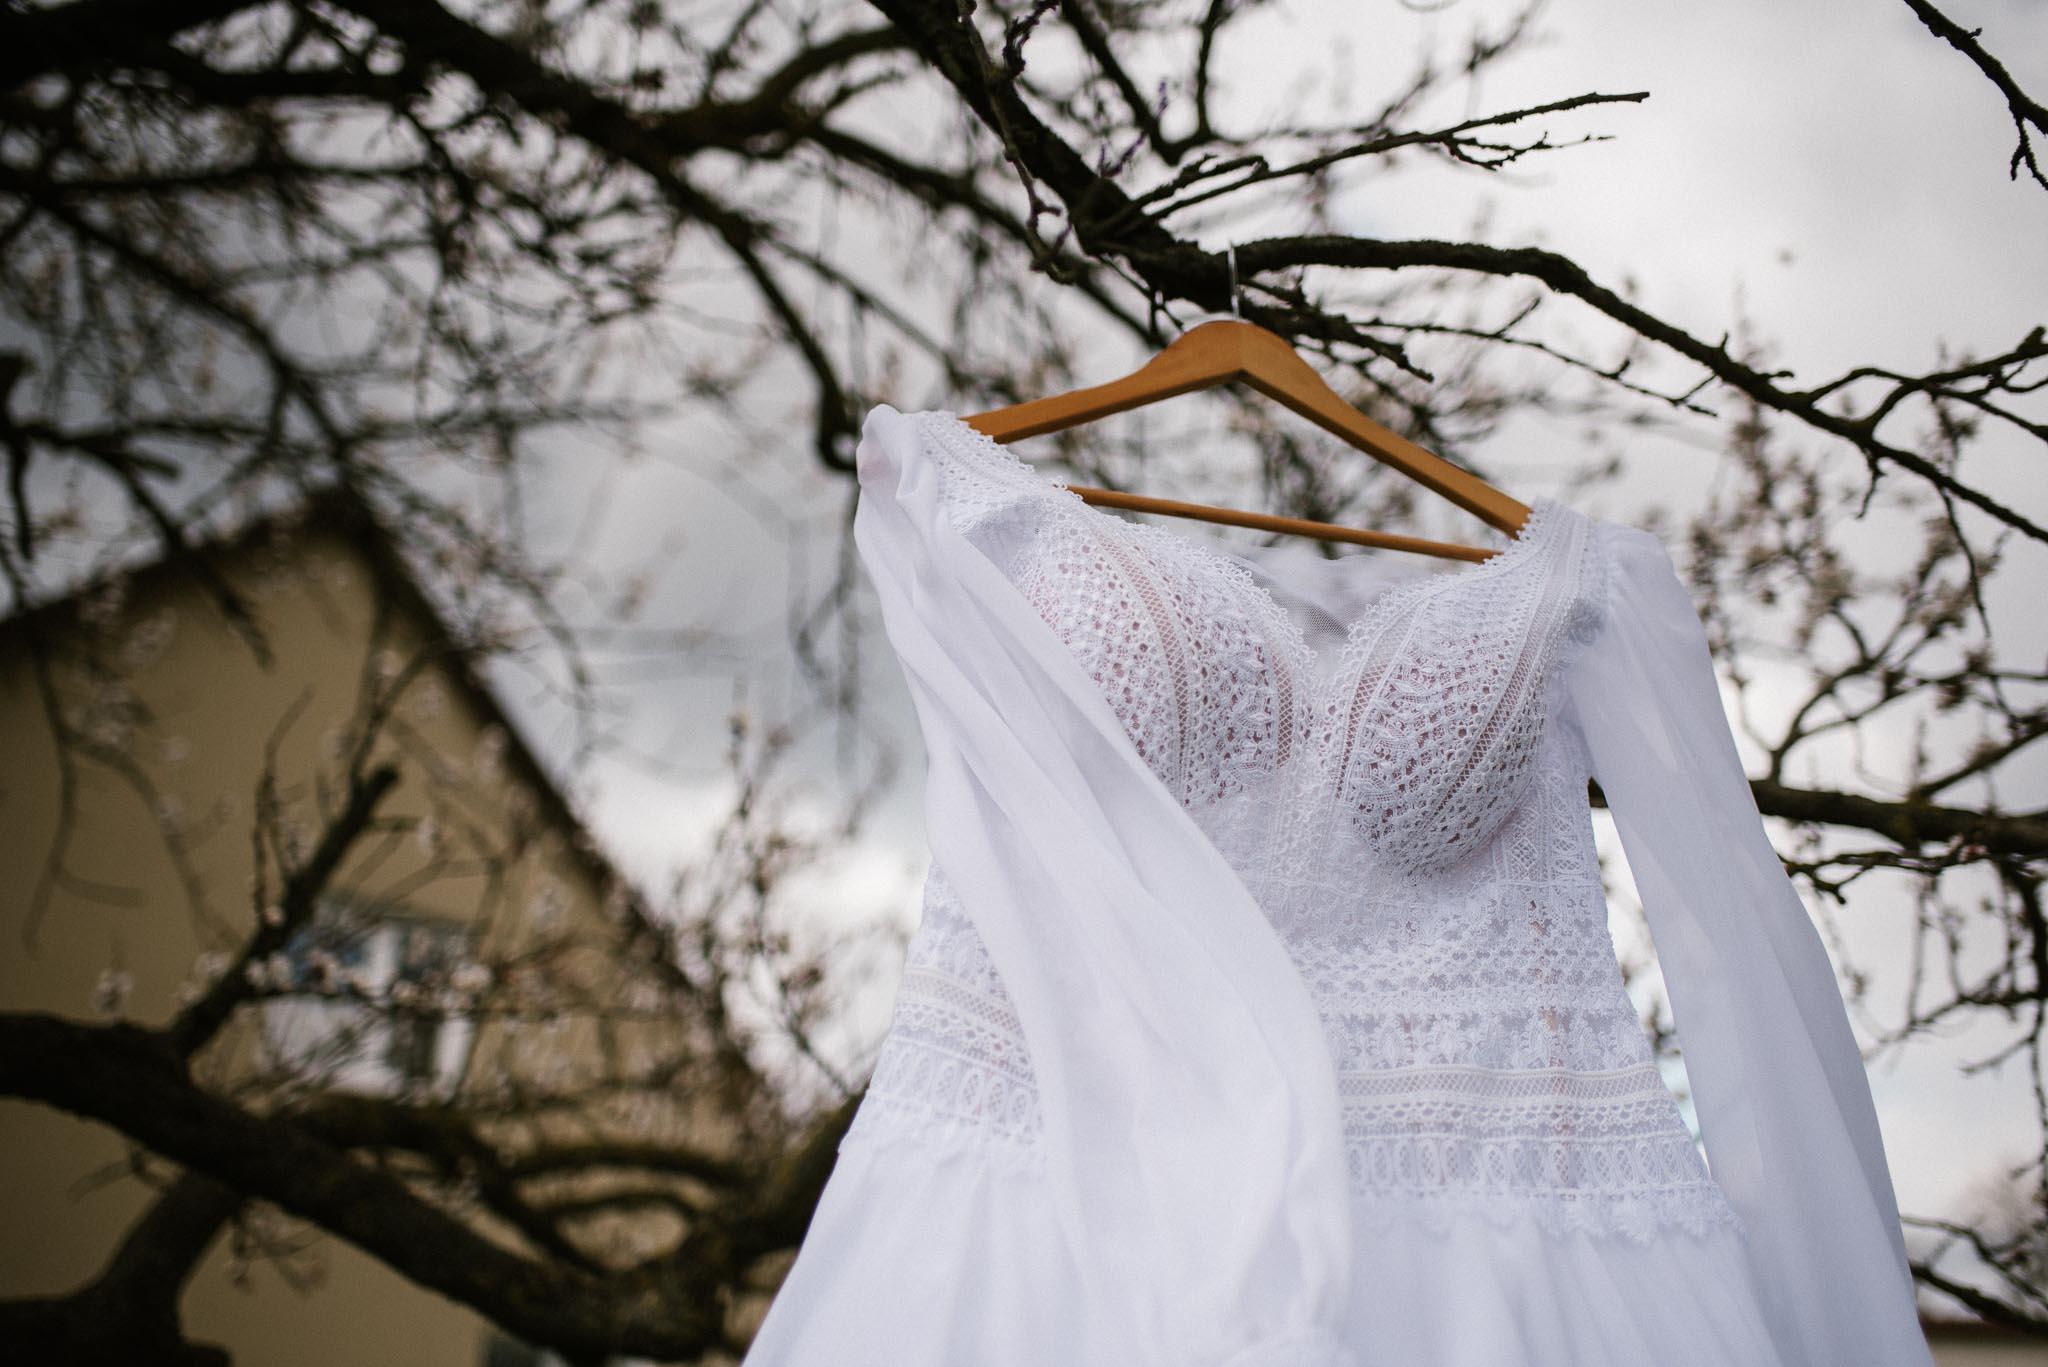 Suknia ślubna wisi na drzewie i powiewa na wietrze - sesja ślubna reportaż Żuczki Inowrocław